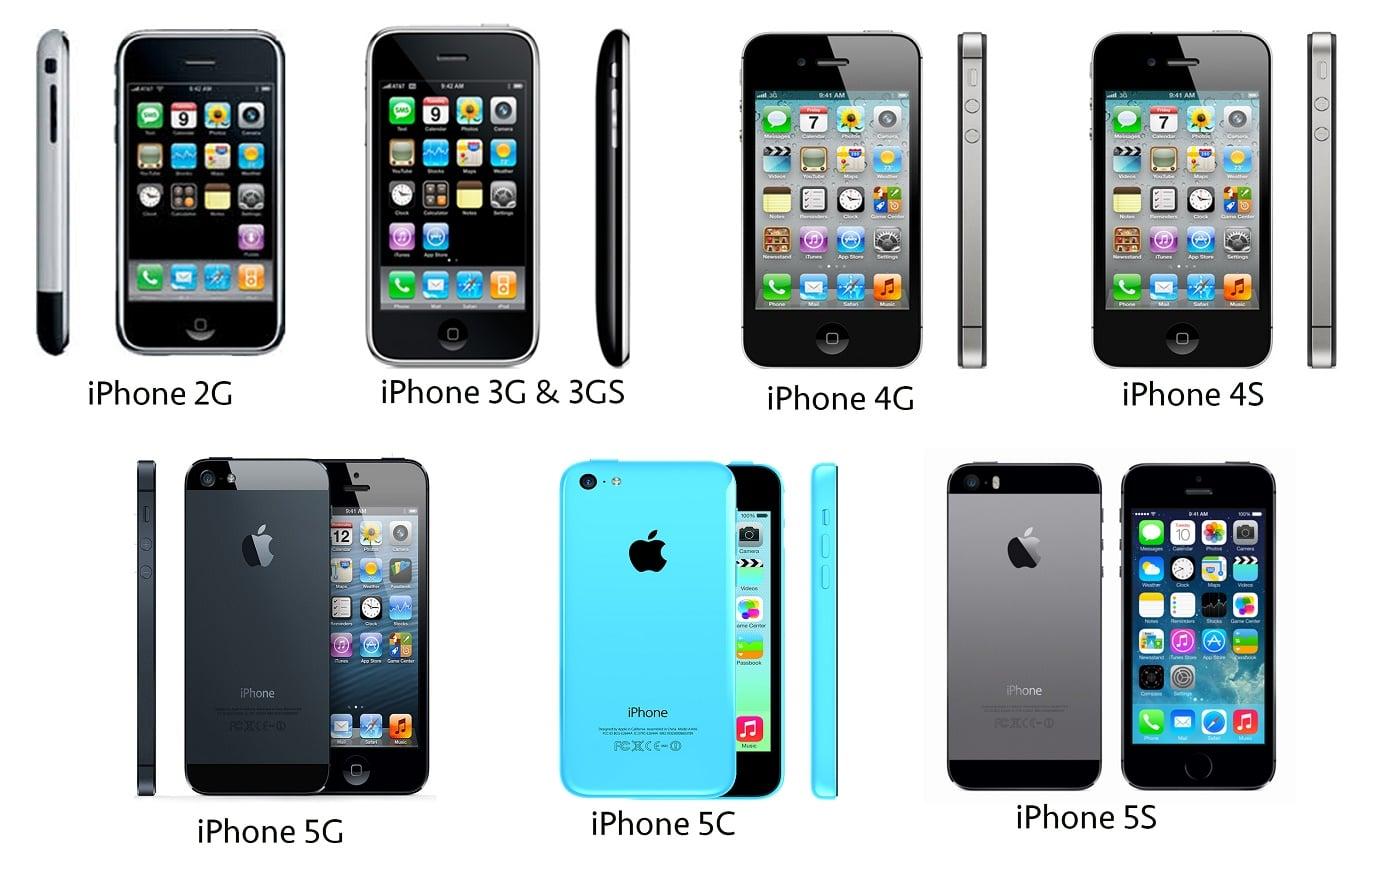 Apple registró su mejor trimesre entre ocutbre a diciembre de 2014, donde vendió 75,6 millones de iPhone.